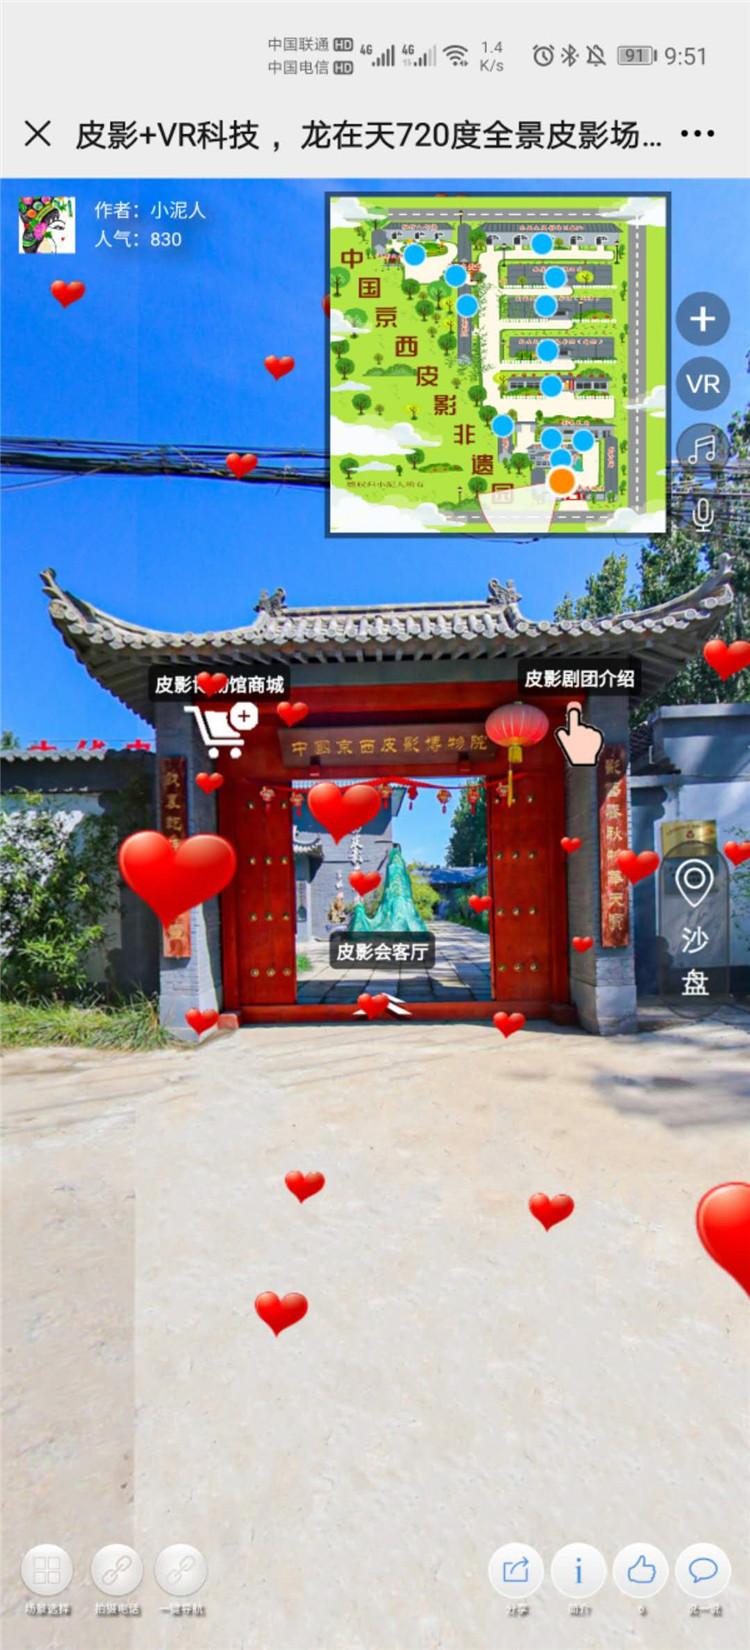 2020年北京中国京西皮影非遗园智能电子导览、语音讲解、手绘地图上线了4.jpg